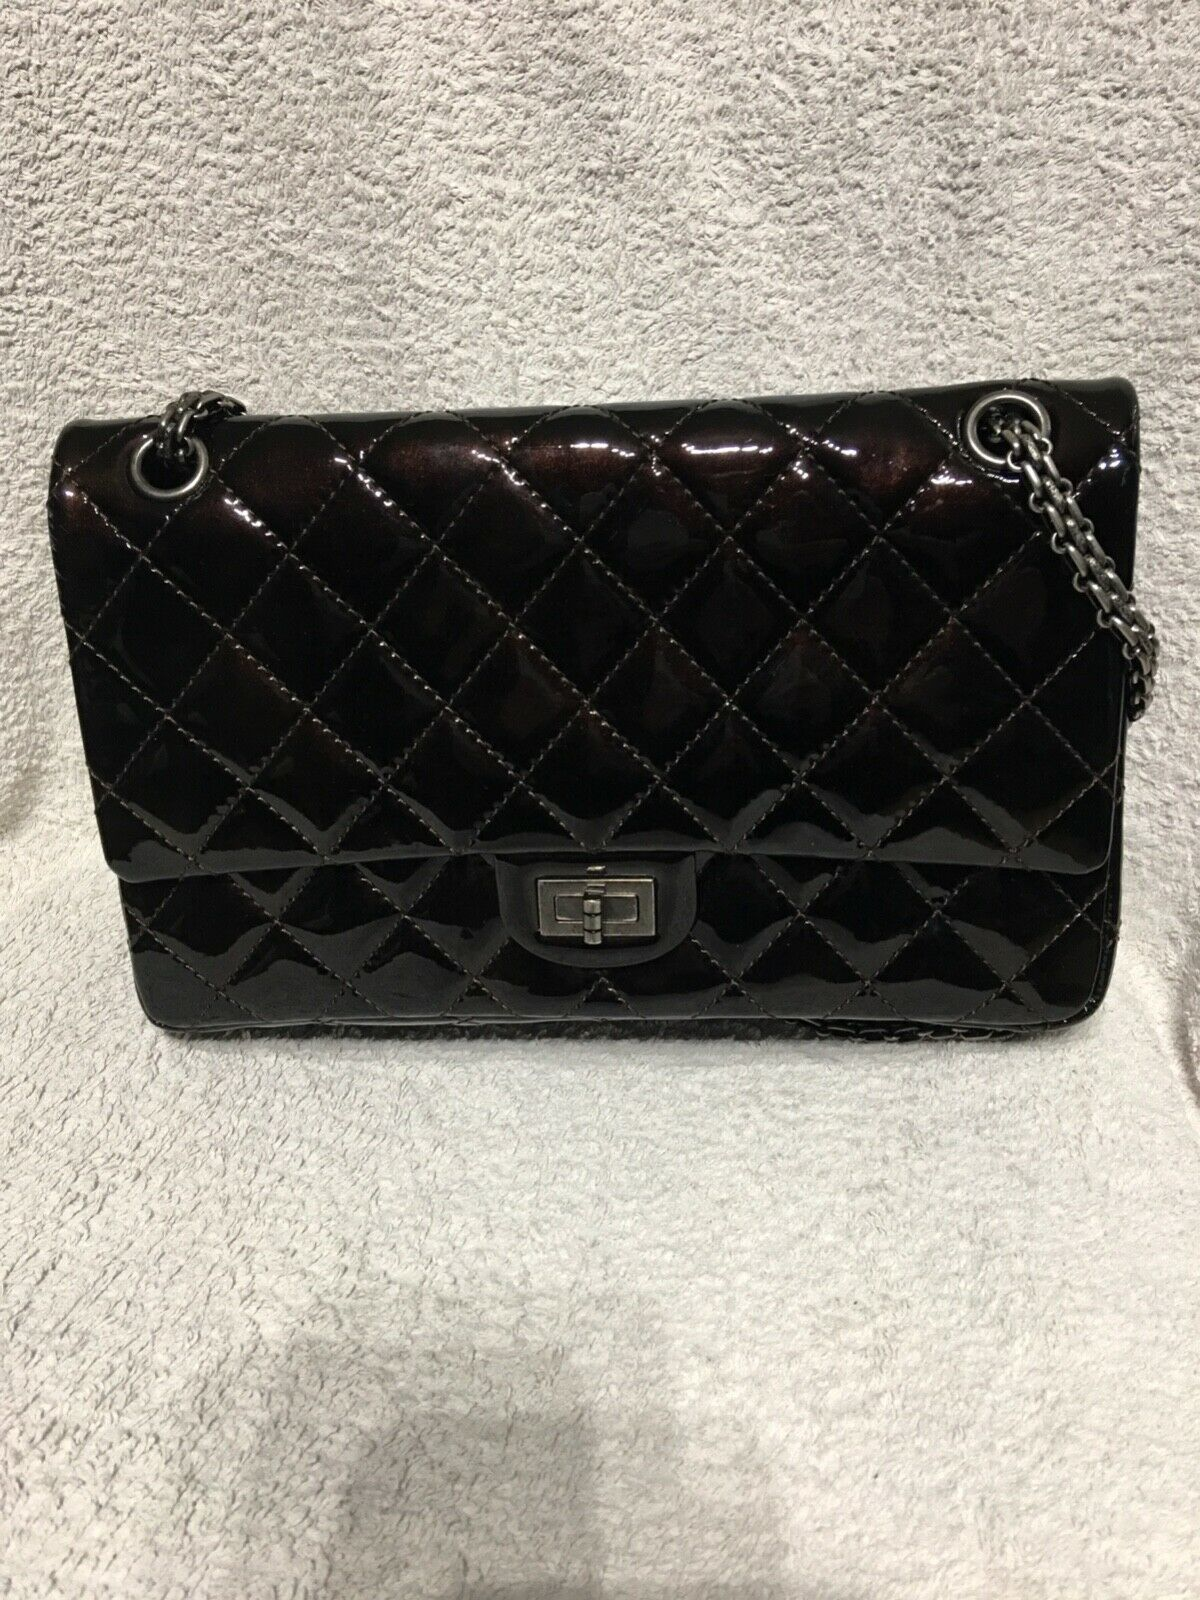 0076b9b0524 Sac Chanel 2.55 original 27.5cm